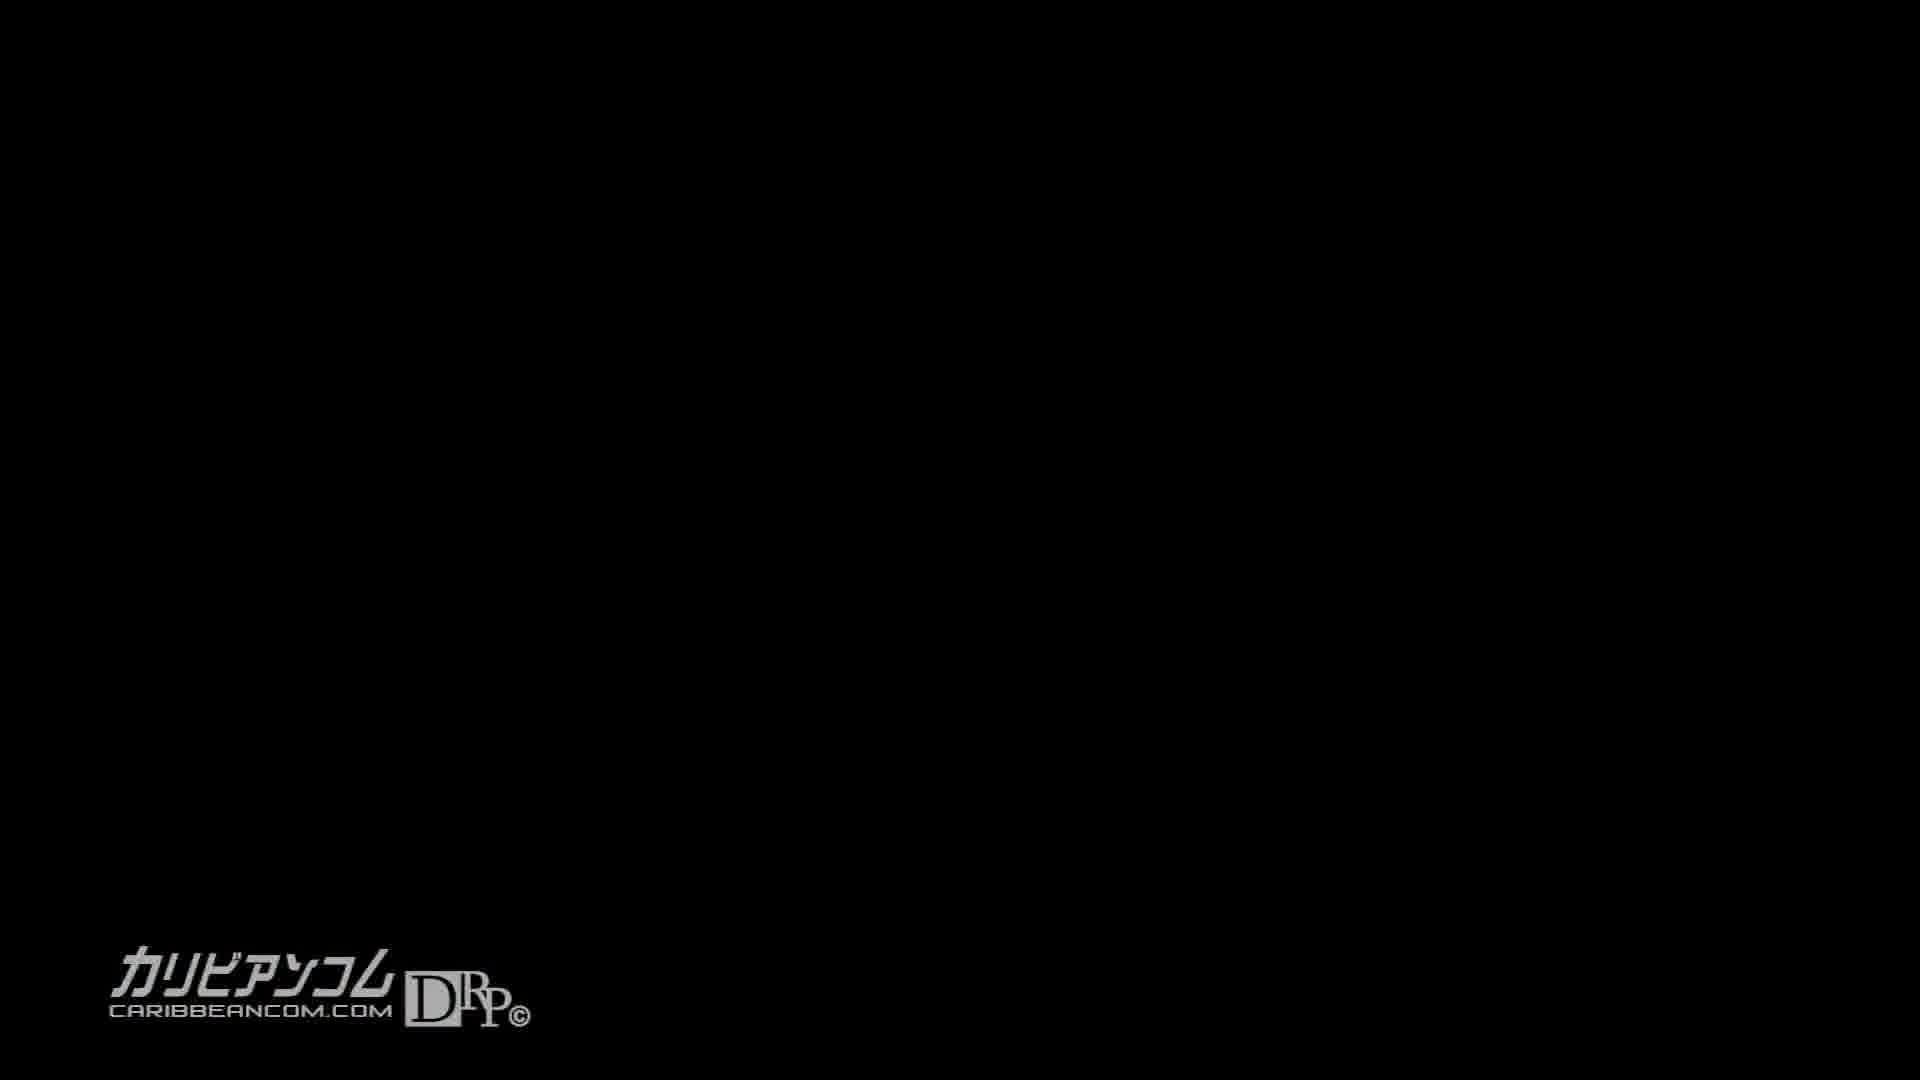 極上セレブ婦人 Vol.8 - 瞳ゆら【クンニ・スレンダー・美乳】